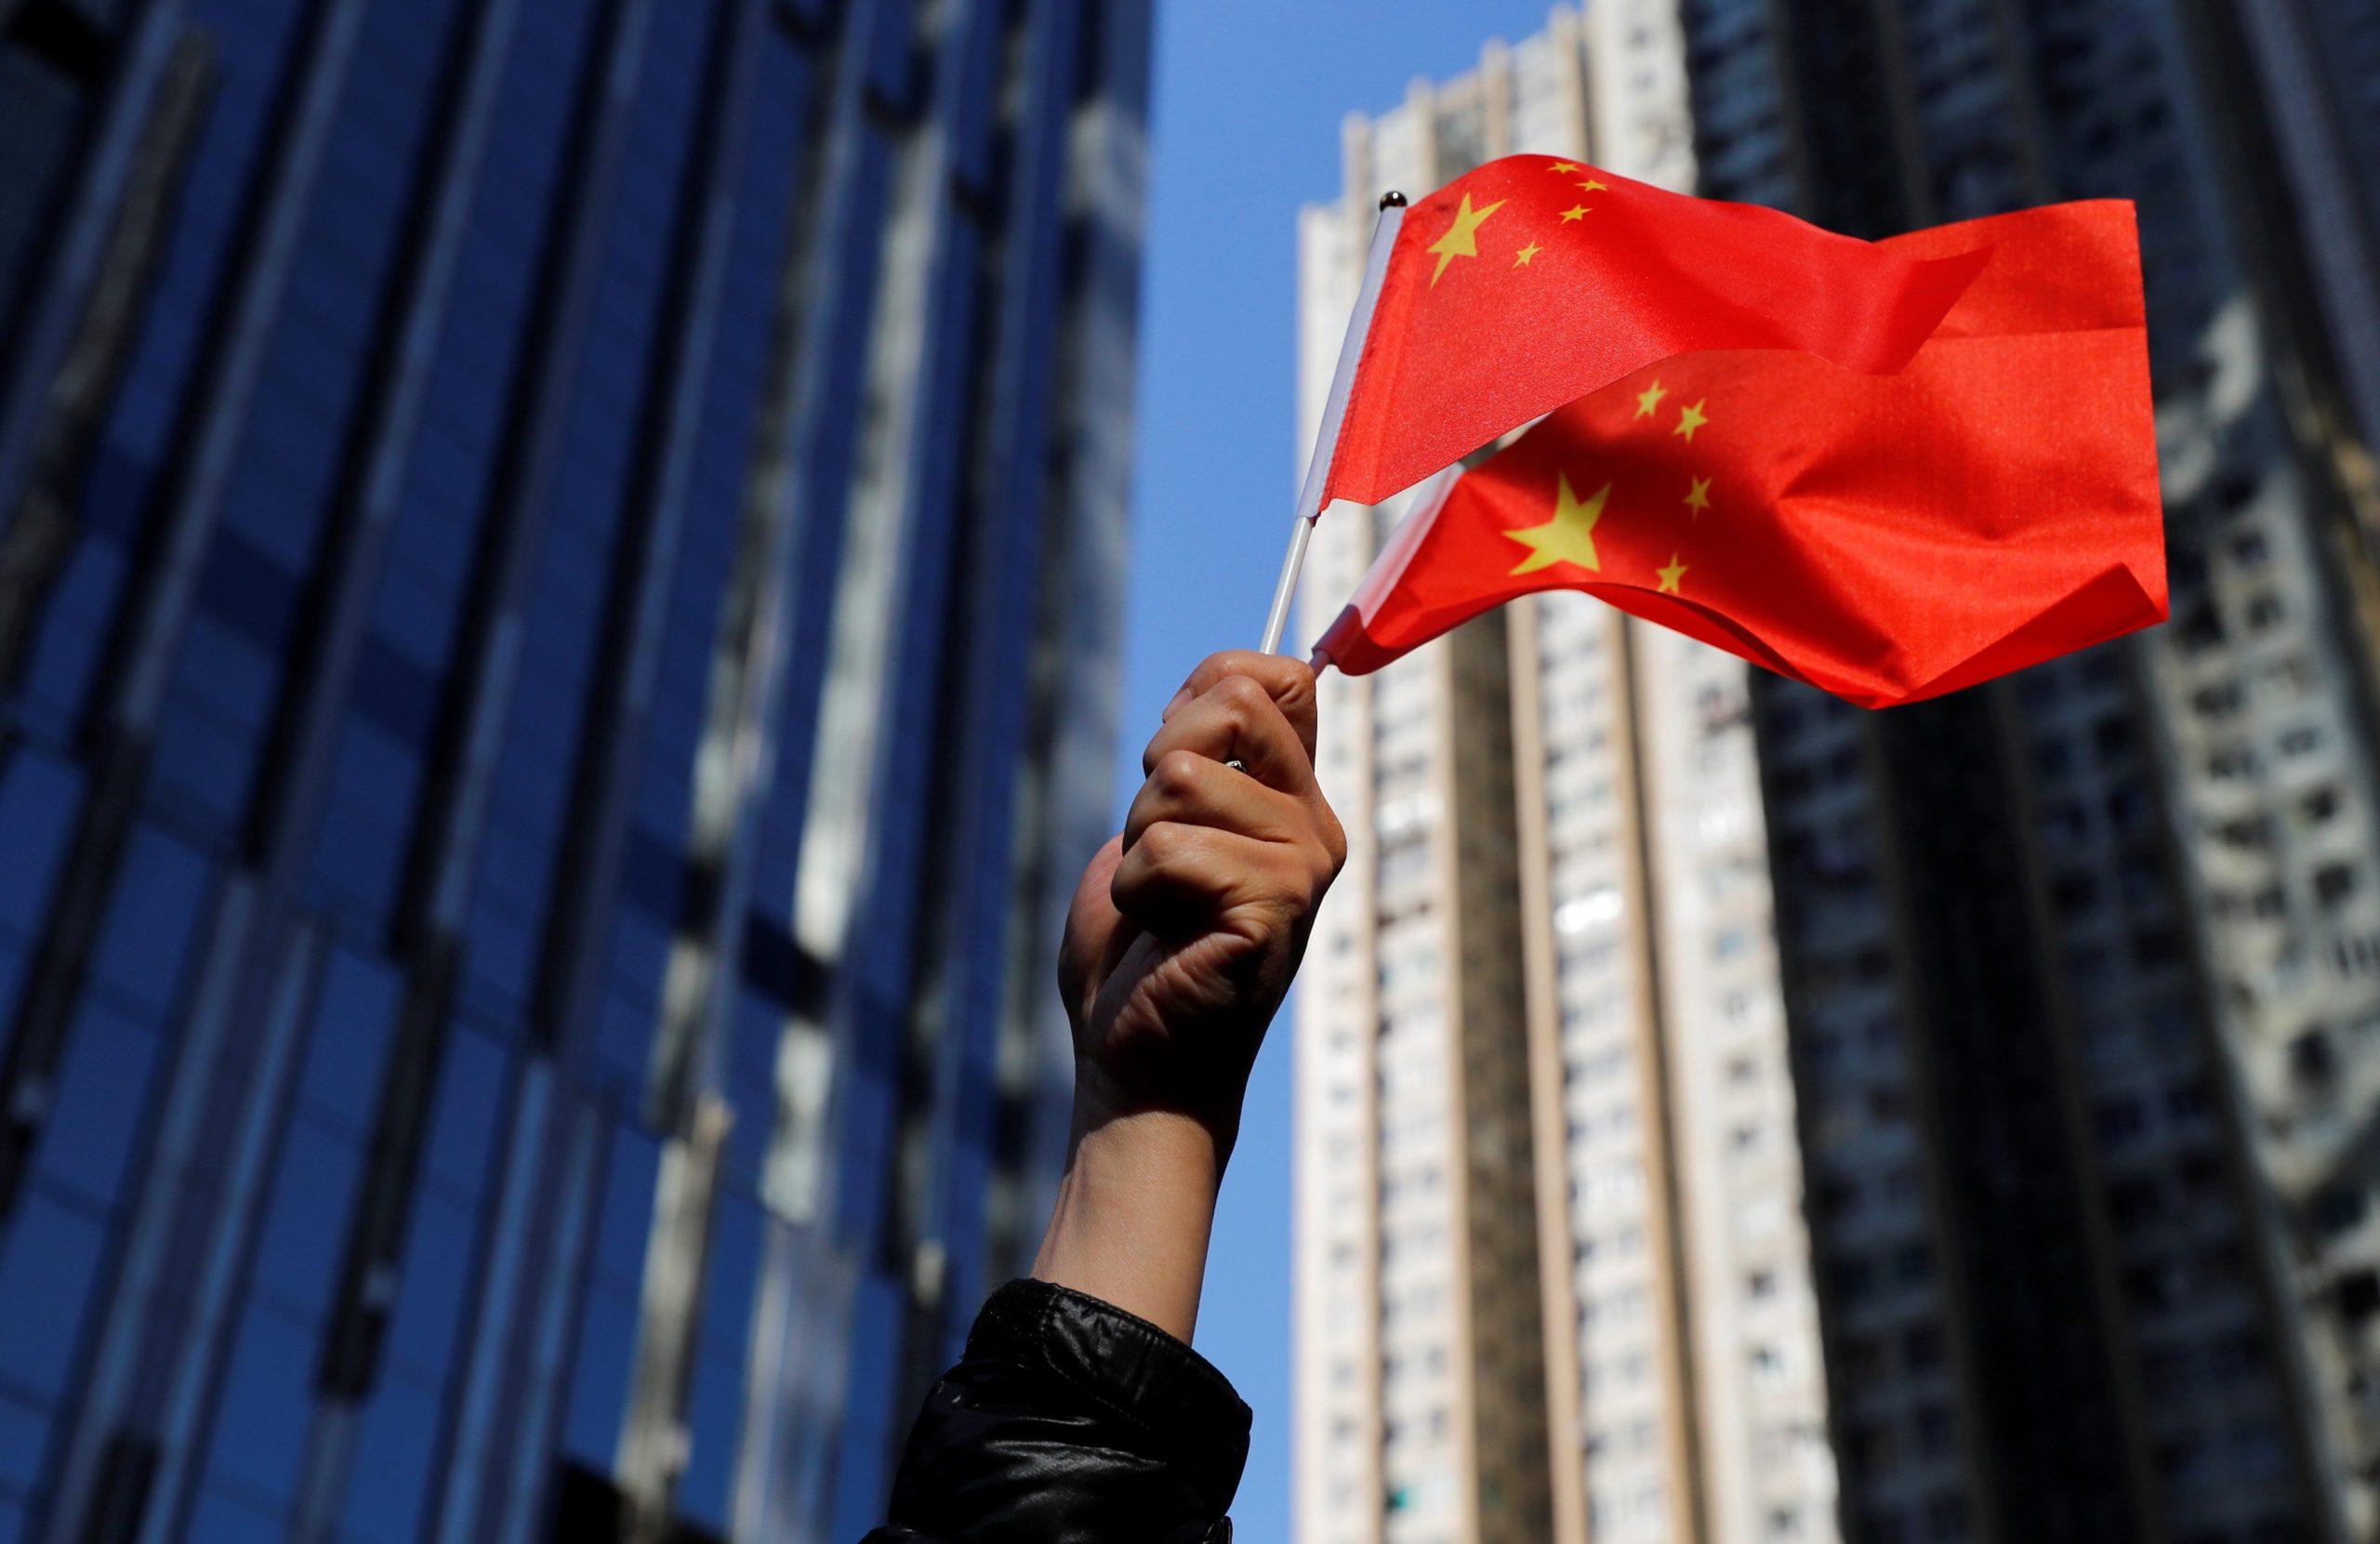 Китайский флаг в руке